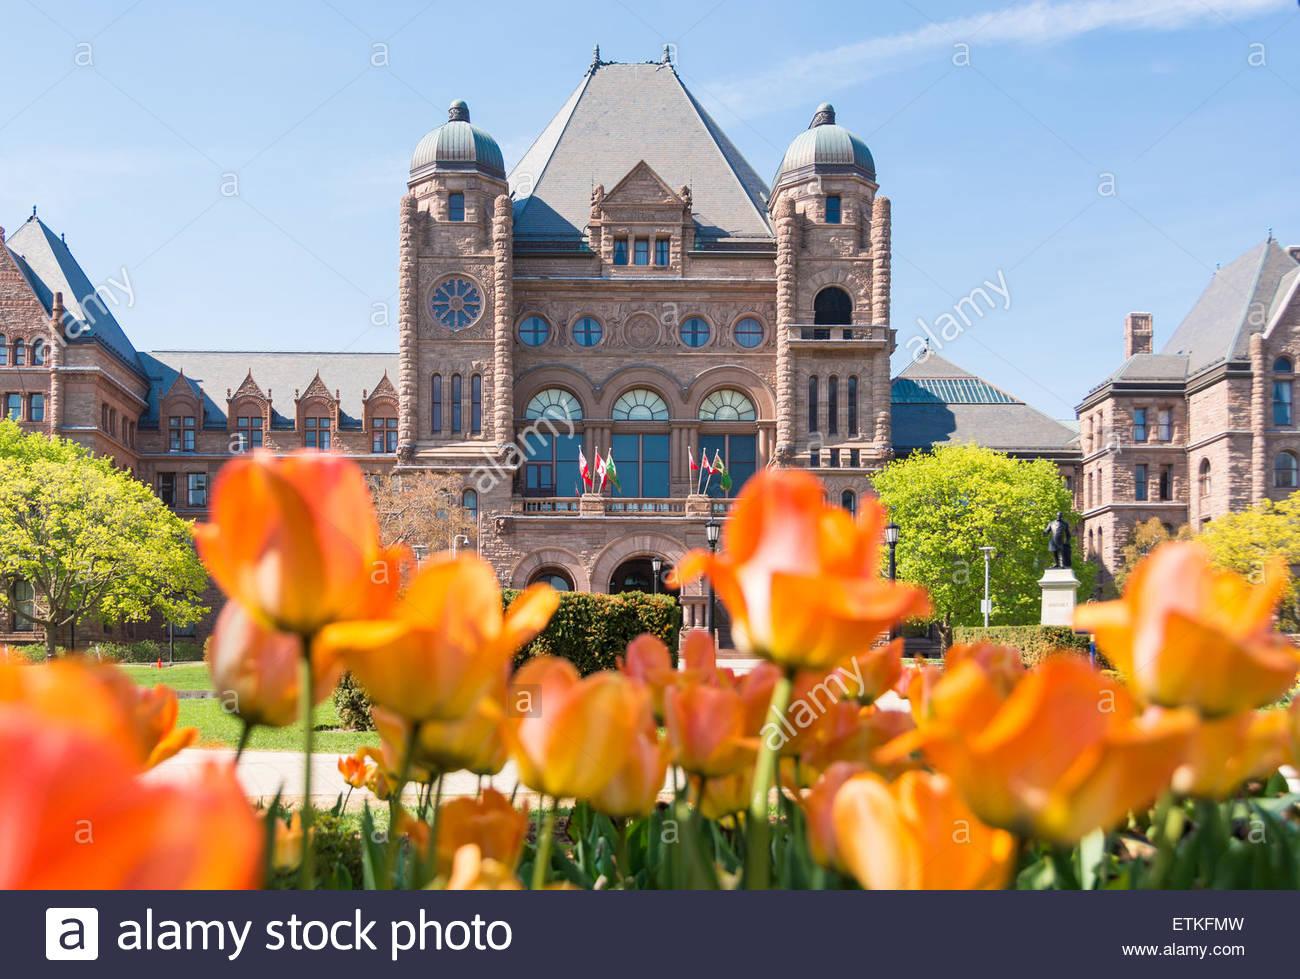 Queen's Park et jardins de tulipes, le monument est le siège du gouvernement provincial de l'Ontario. Photo Stock